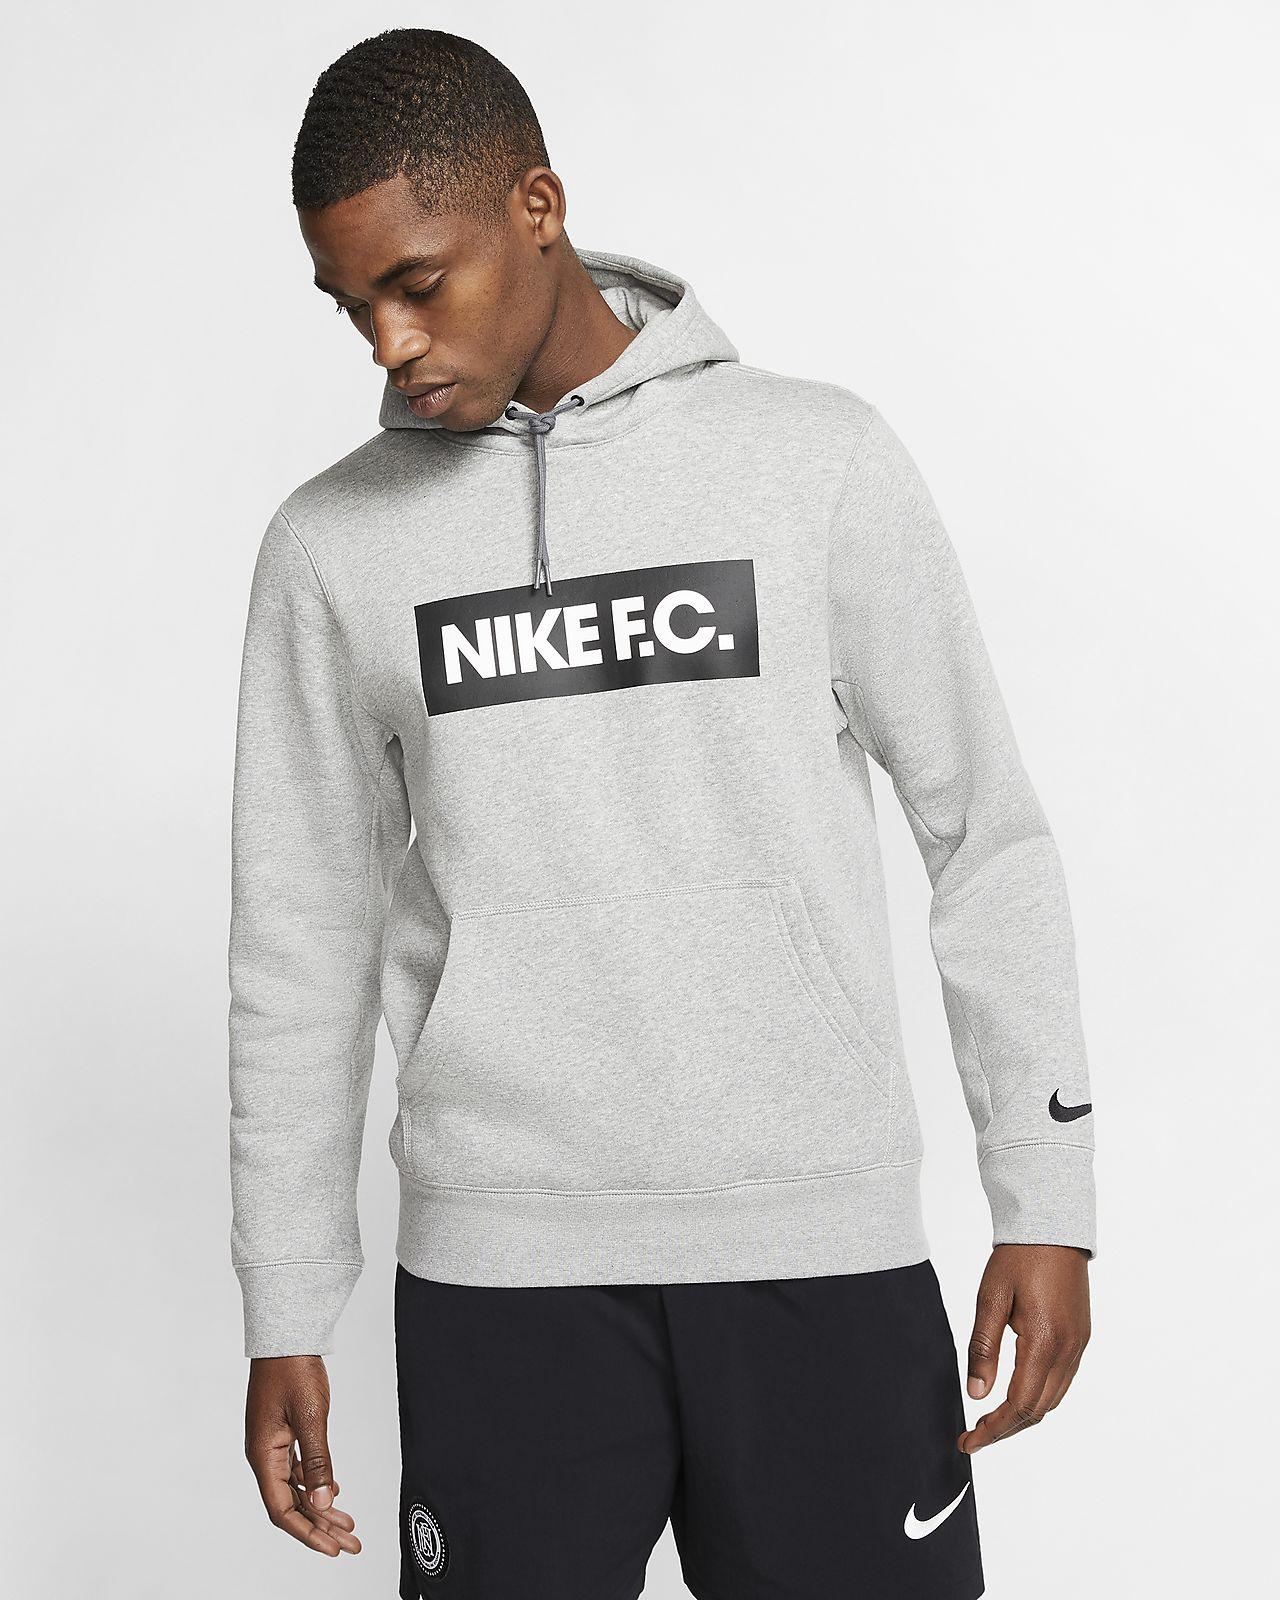 Pánská flísová fotbalová mikina Nike F.C. s kapucí